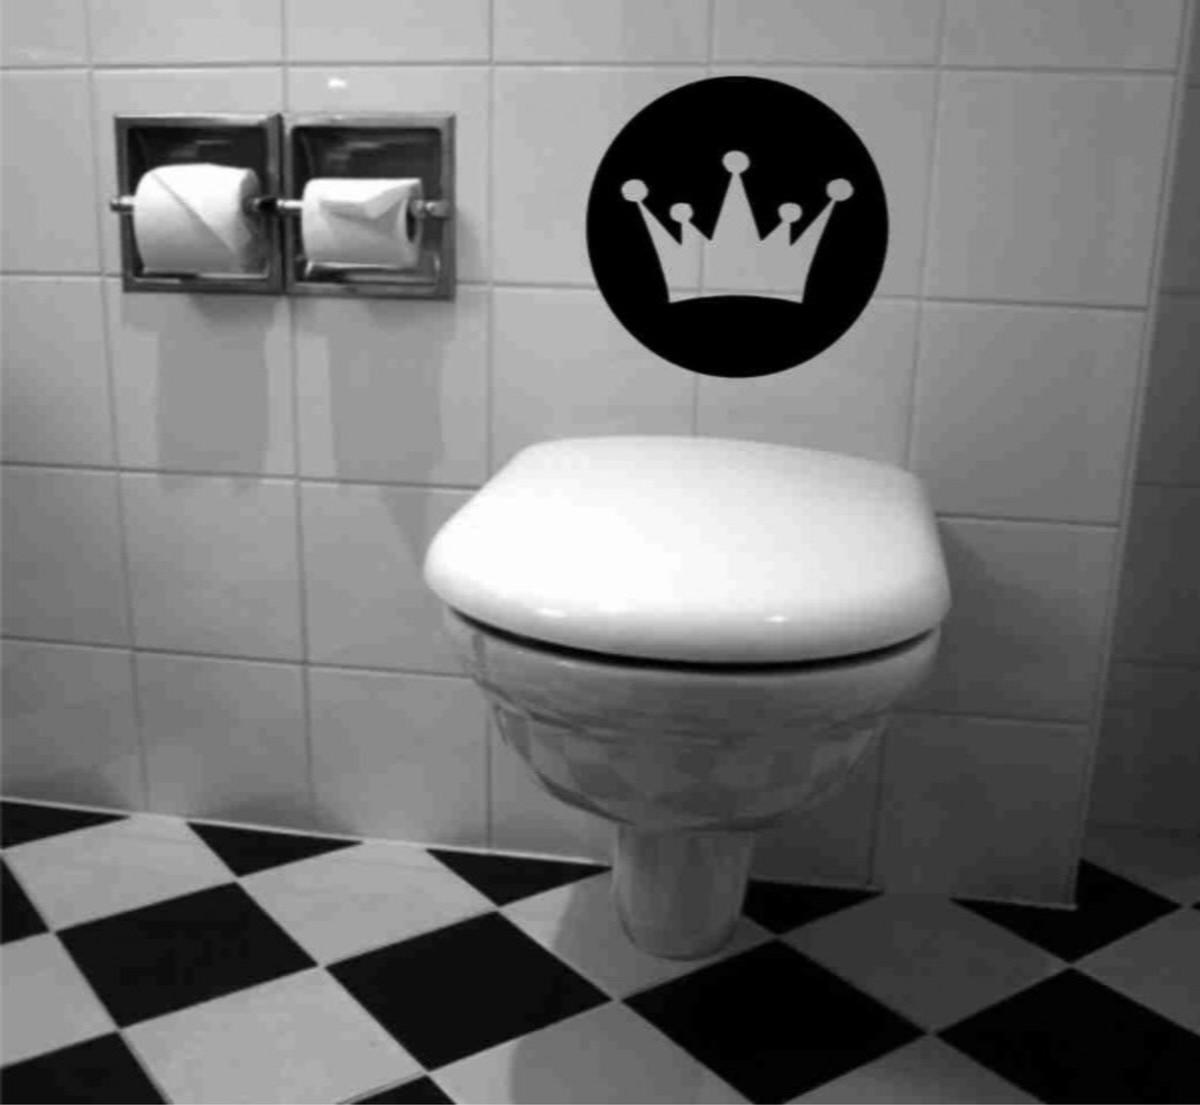 adesivo de banheiro coroa de rei bebe adesivo de banheiro coroa de rei #272726 1200 1105